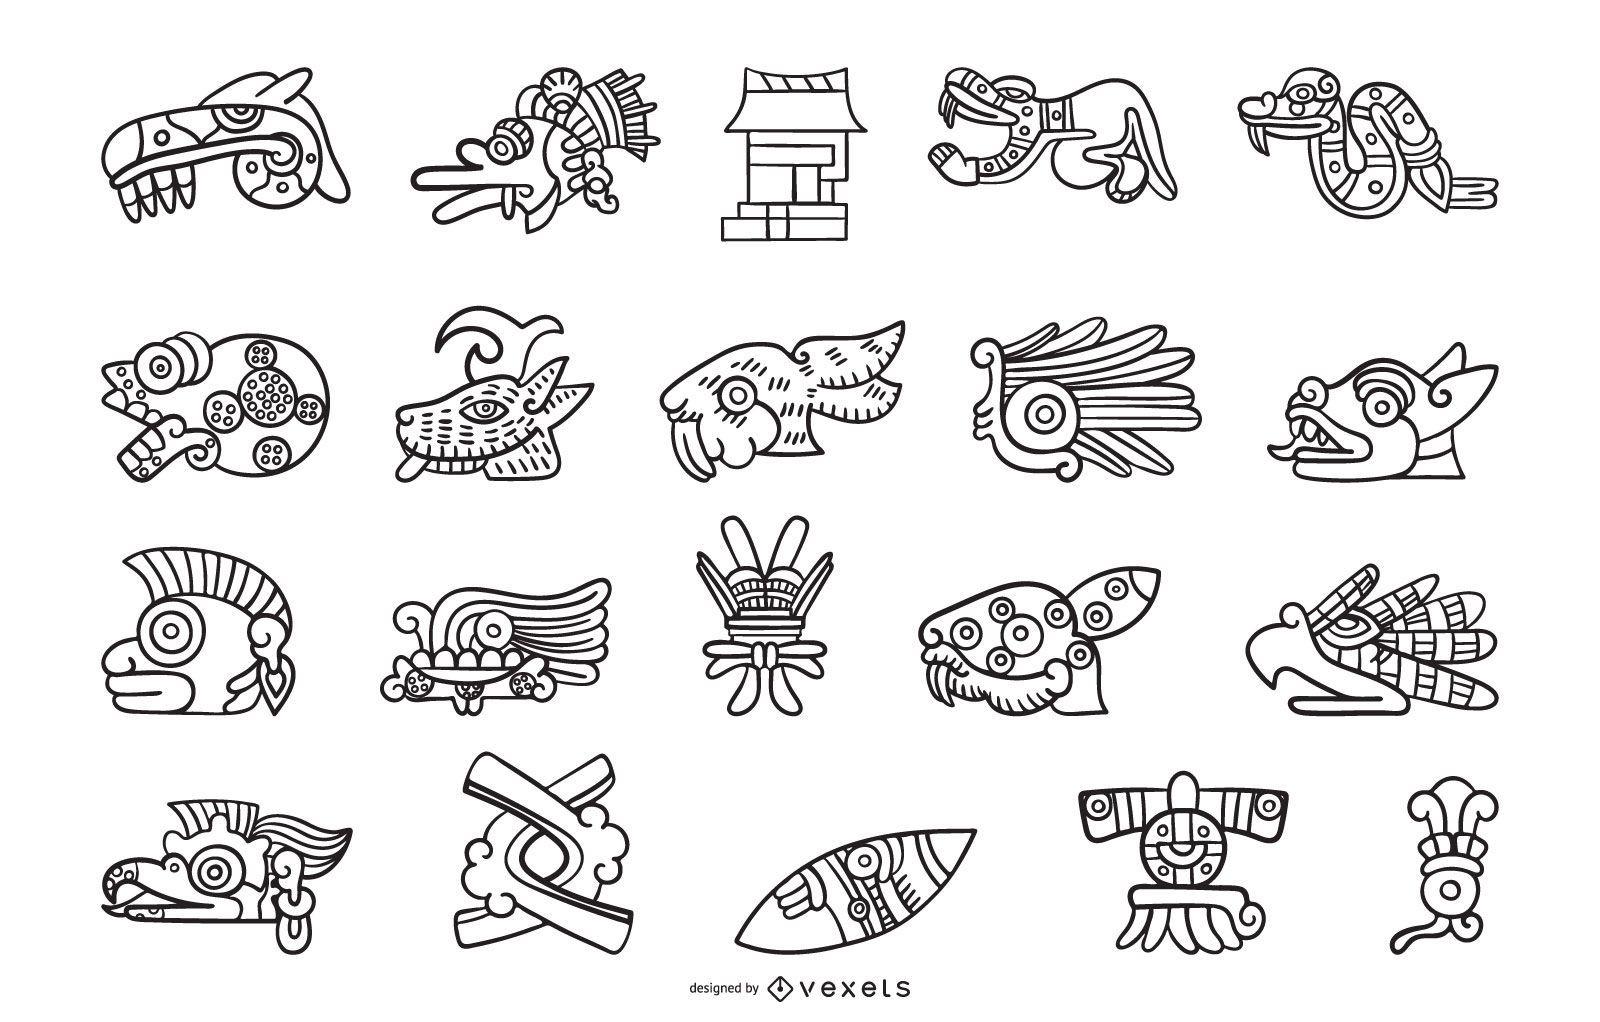 Colecci?n de elementos de contorno azteca